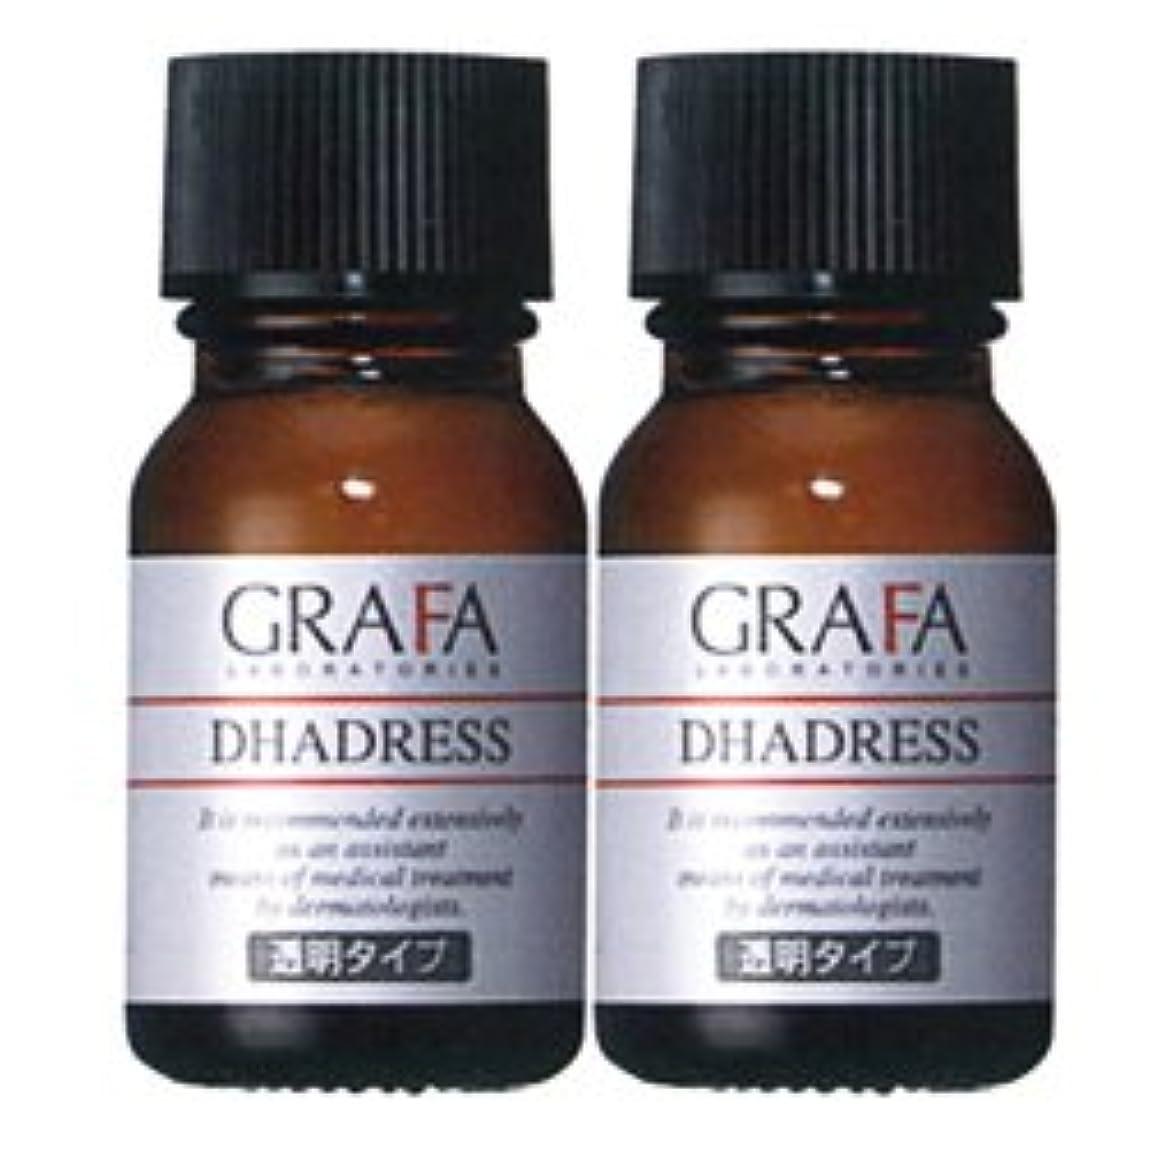 極めて近代化新着グラファ ダドレス (透明タイプ) 11mL 着色用化粧水 GRAFA DHADRESS